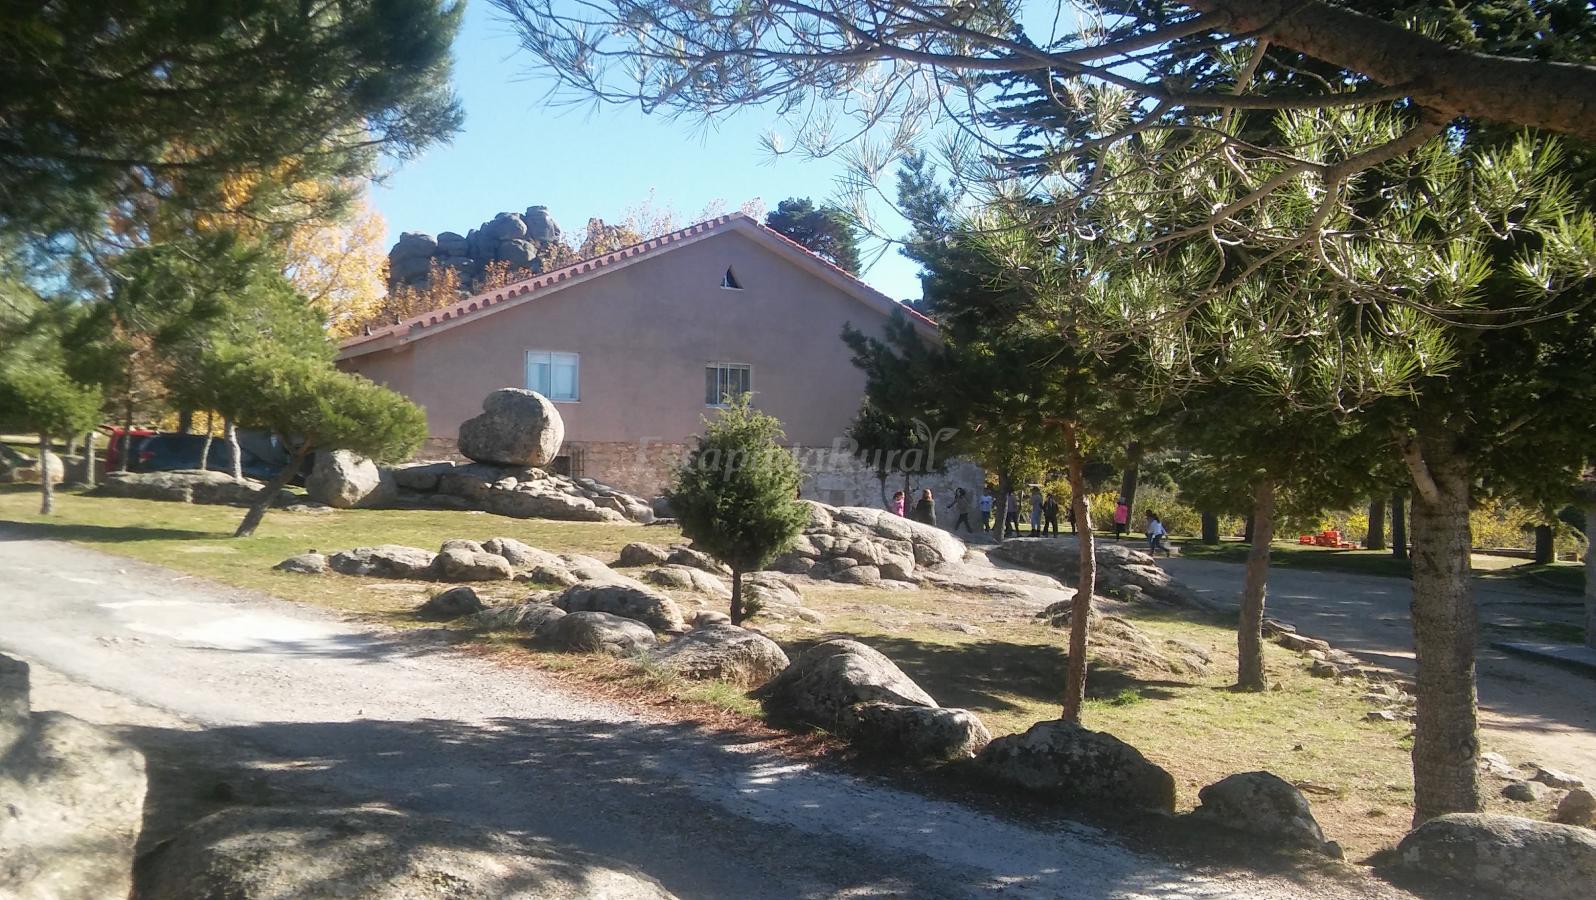 Fotos de albergue los almorchones casa rural en navacerrada madrid - Casas rurales navacerrada ...